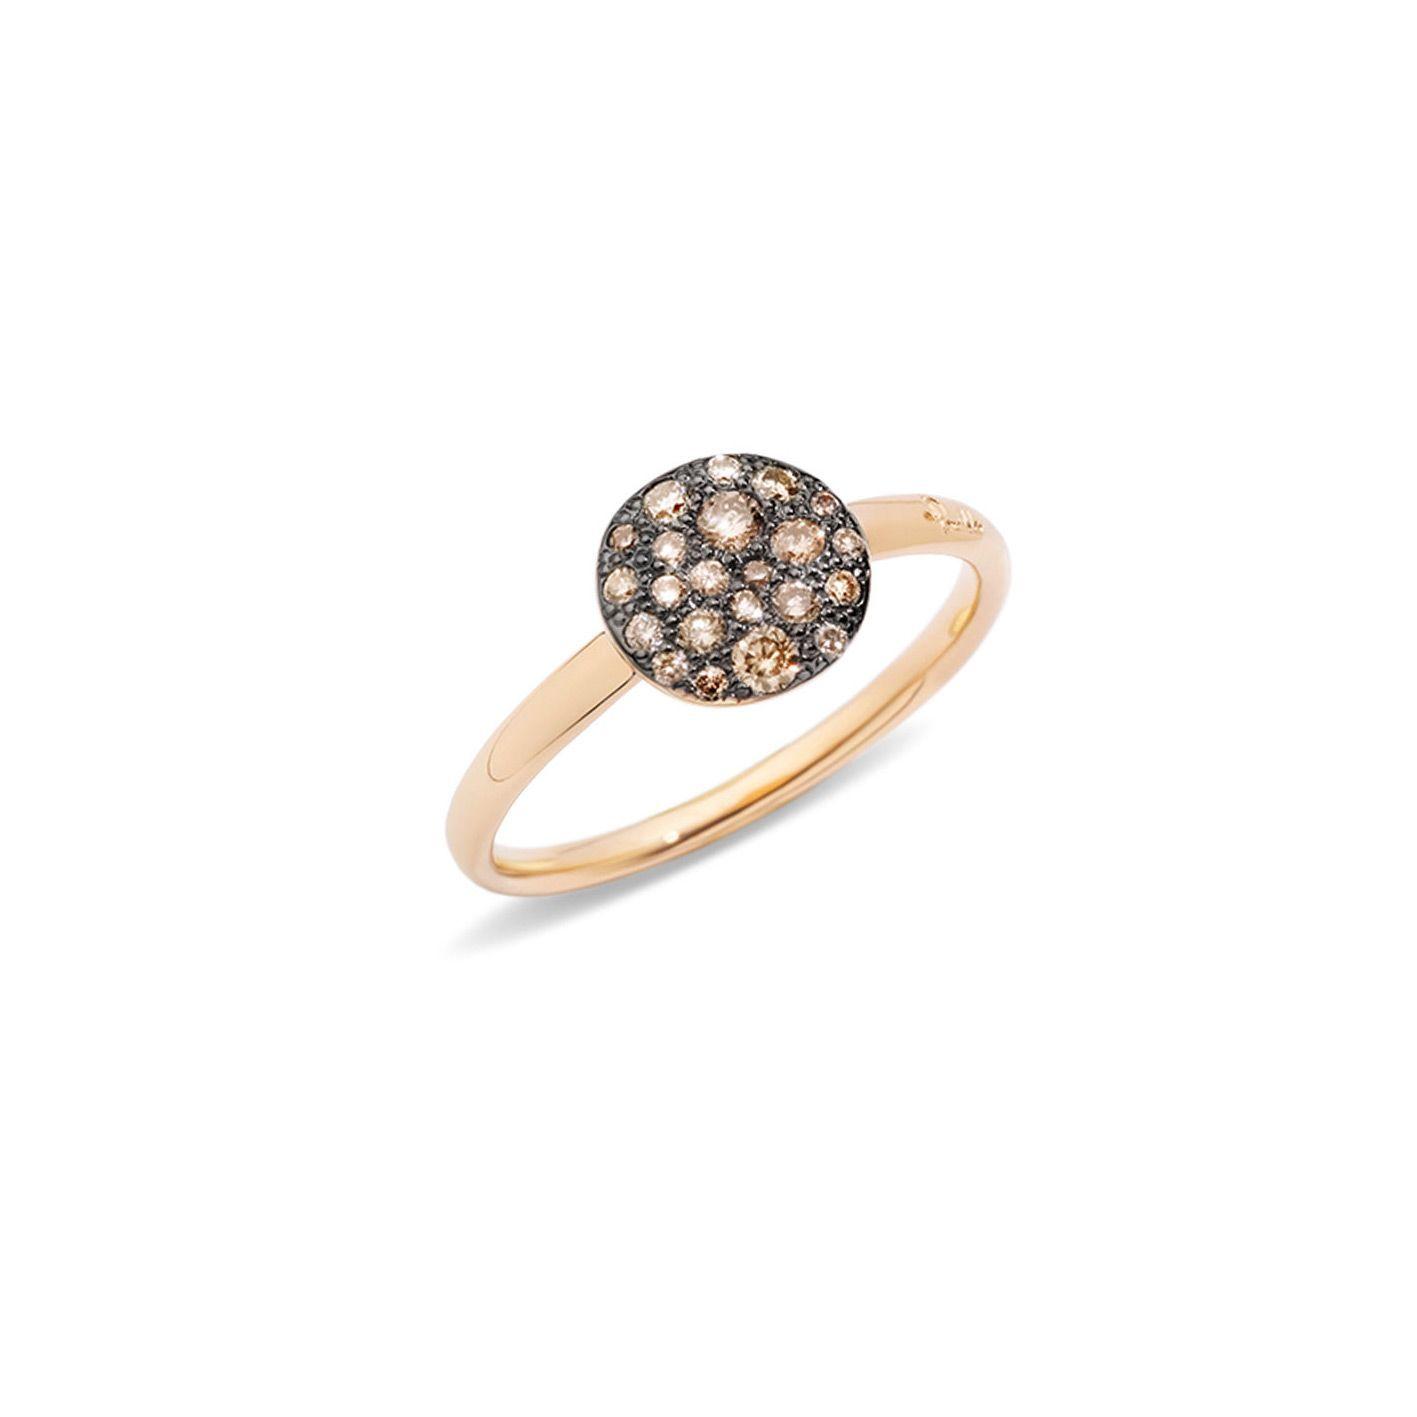 Bague Pomellato Sabbia petit modèle en Or rose et Diamant brun vue 1